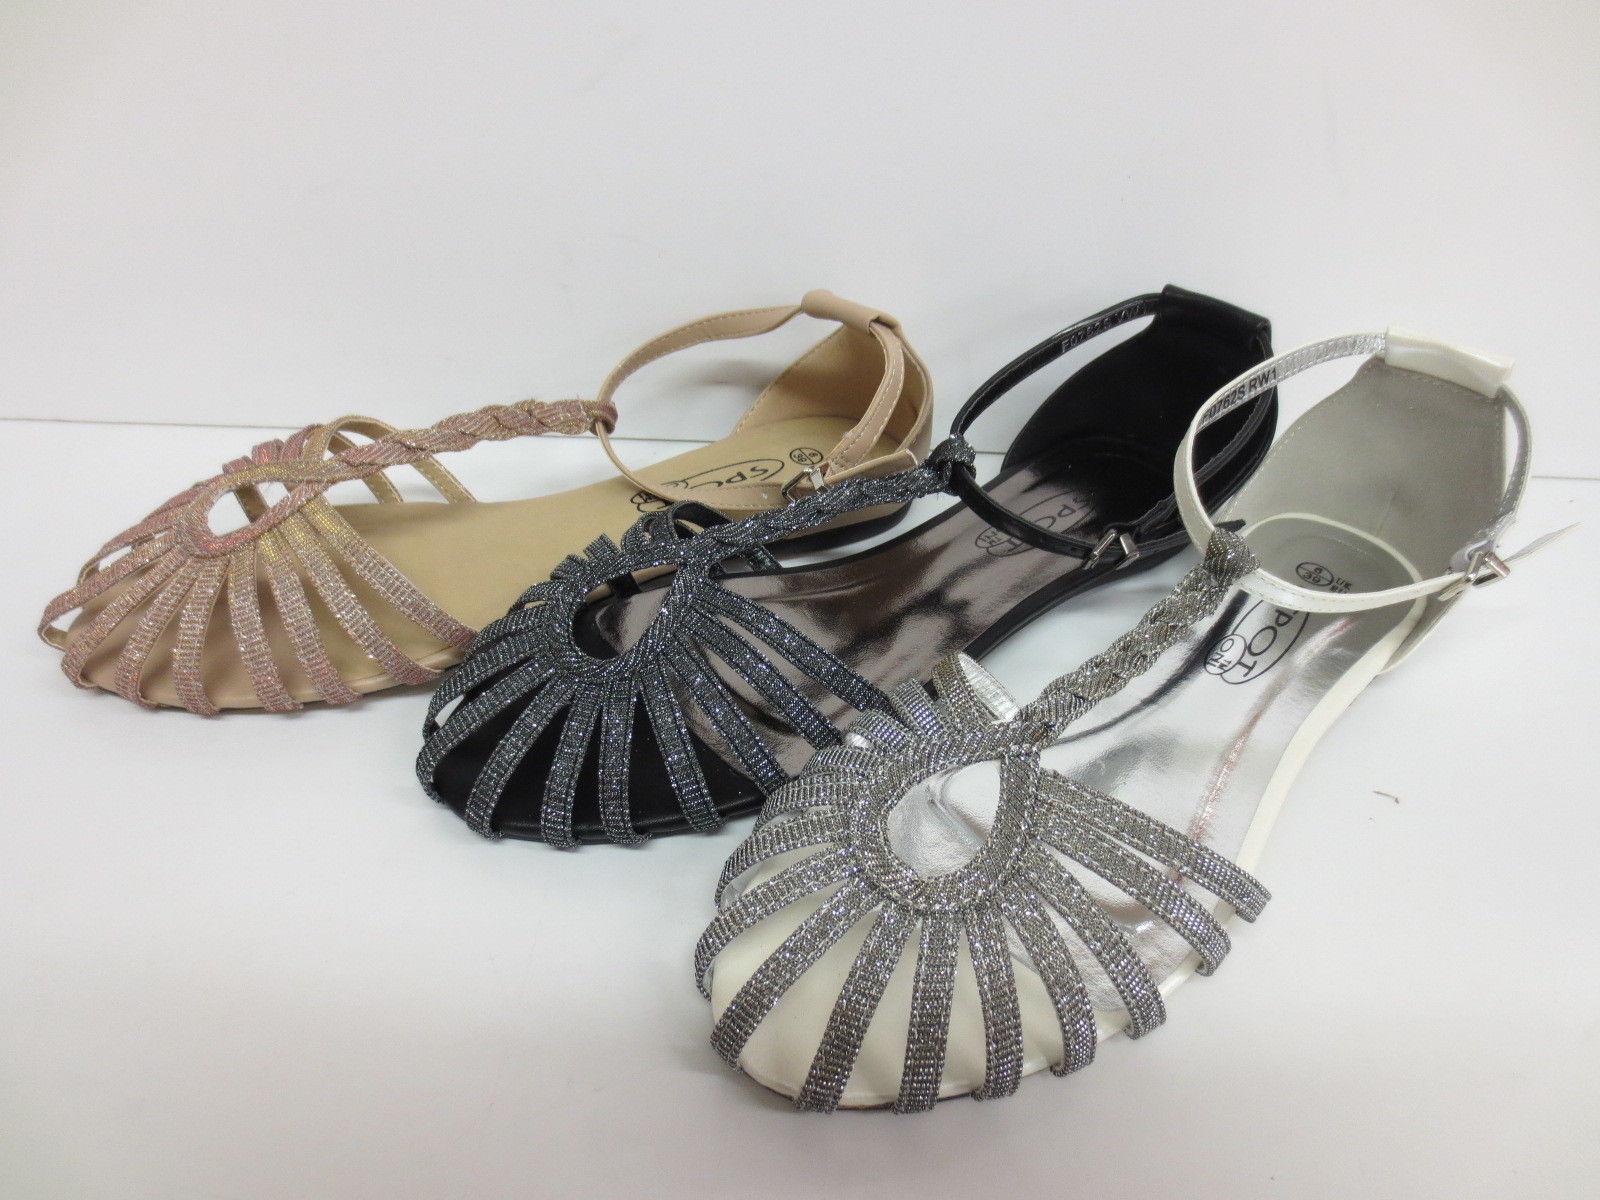 f0762- 3 Donna anne michelle sandali Sintetici 3 f0762- colori; peltro, nude& Argento 9163d7